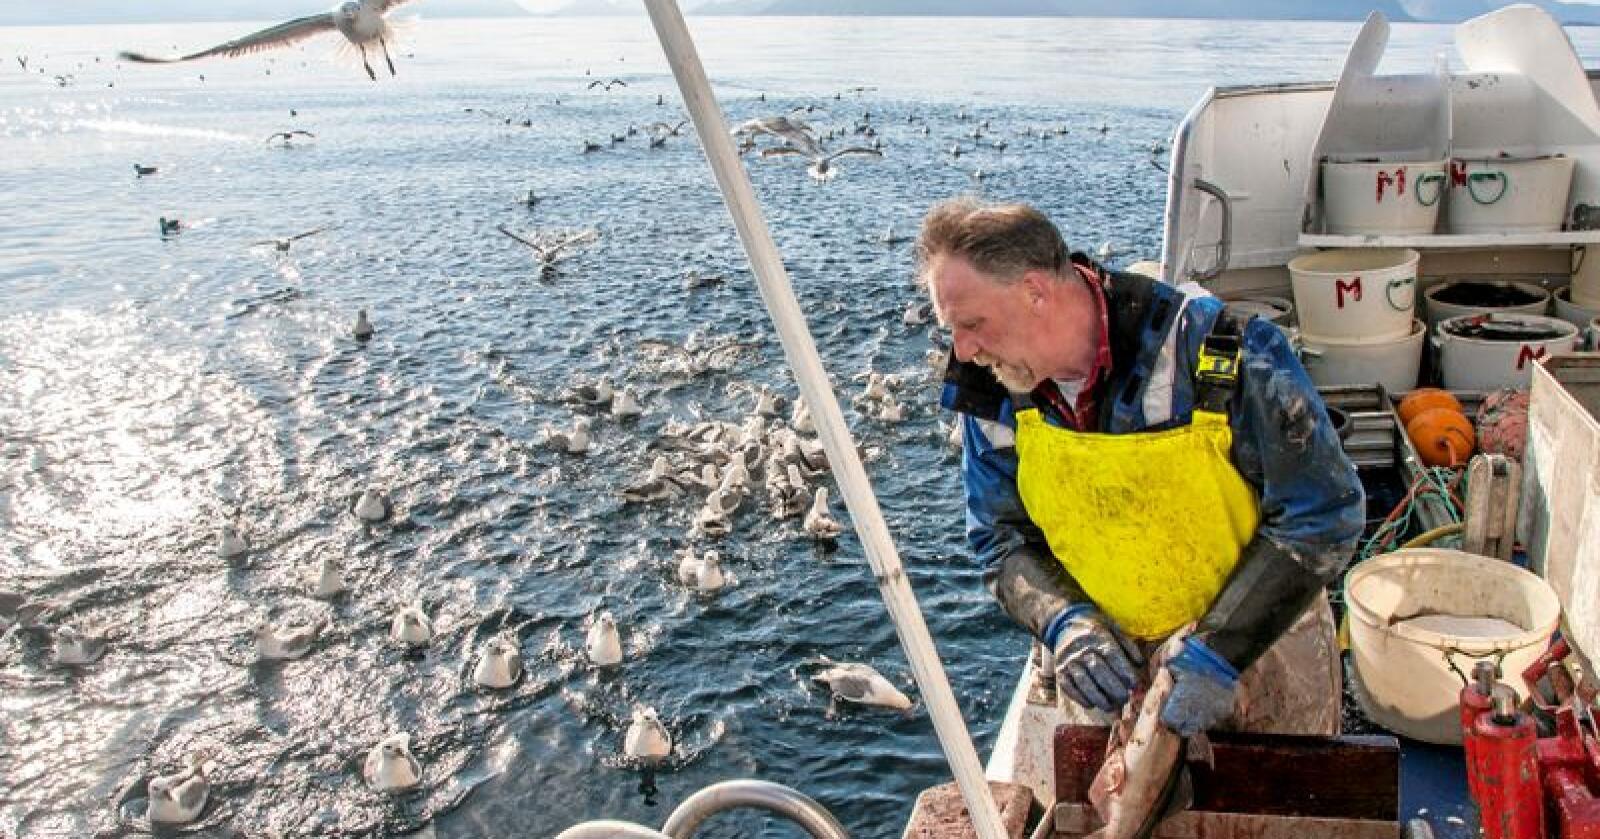 Fisk: EØS-avtalen er ingen forutsetning for norsk eksport av fisk, skriver innsenderen. Foto: Jan-Morten Bjørnbakk/NTB scanpix